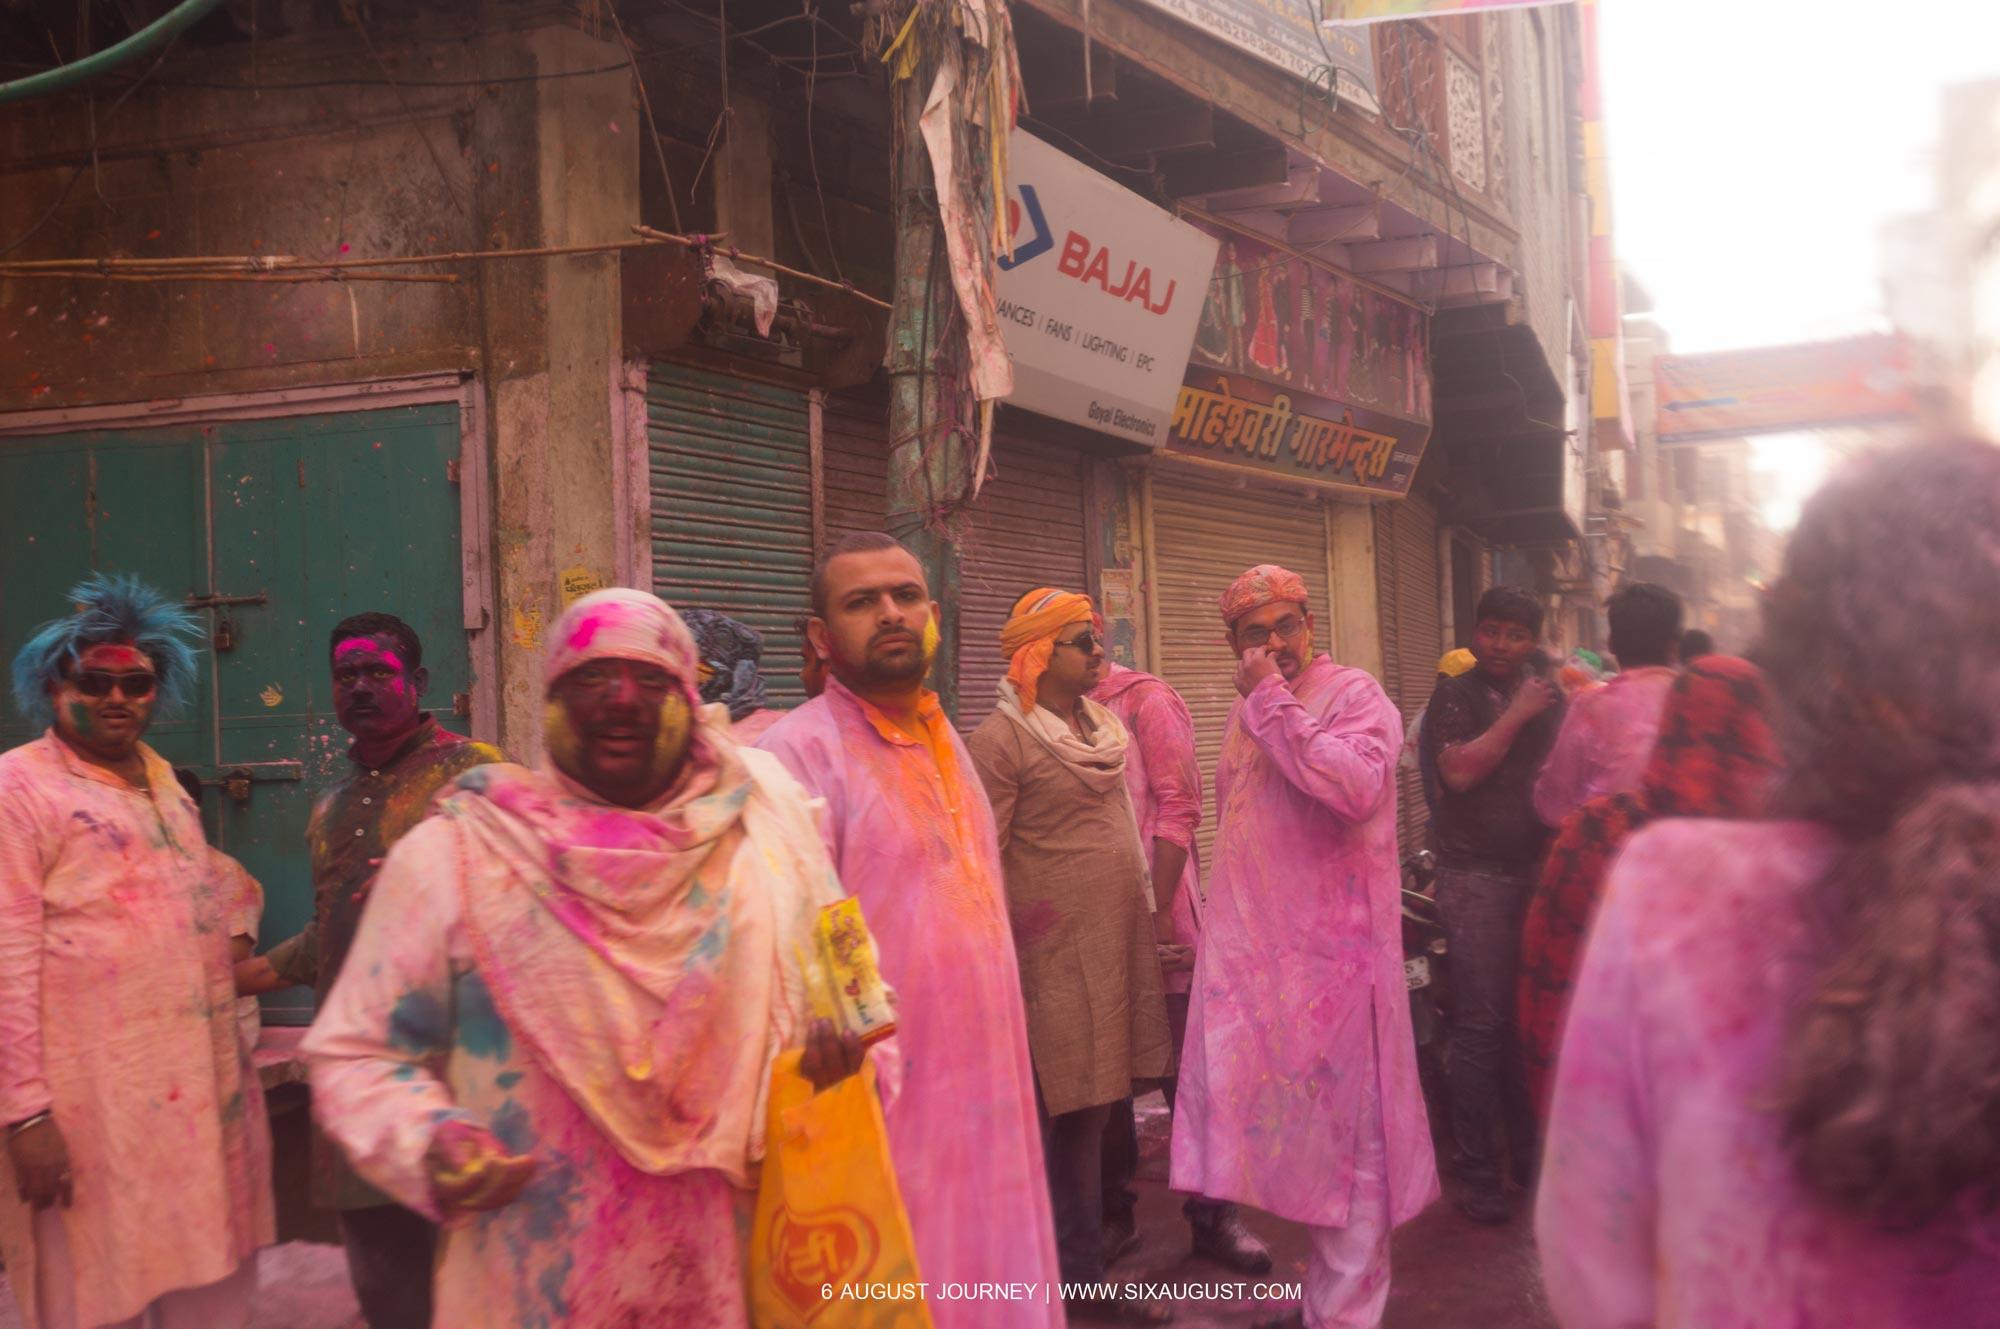 เทศกาล Holi พวกเขาน่ารัก